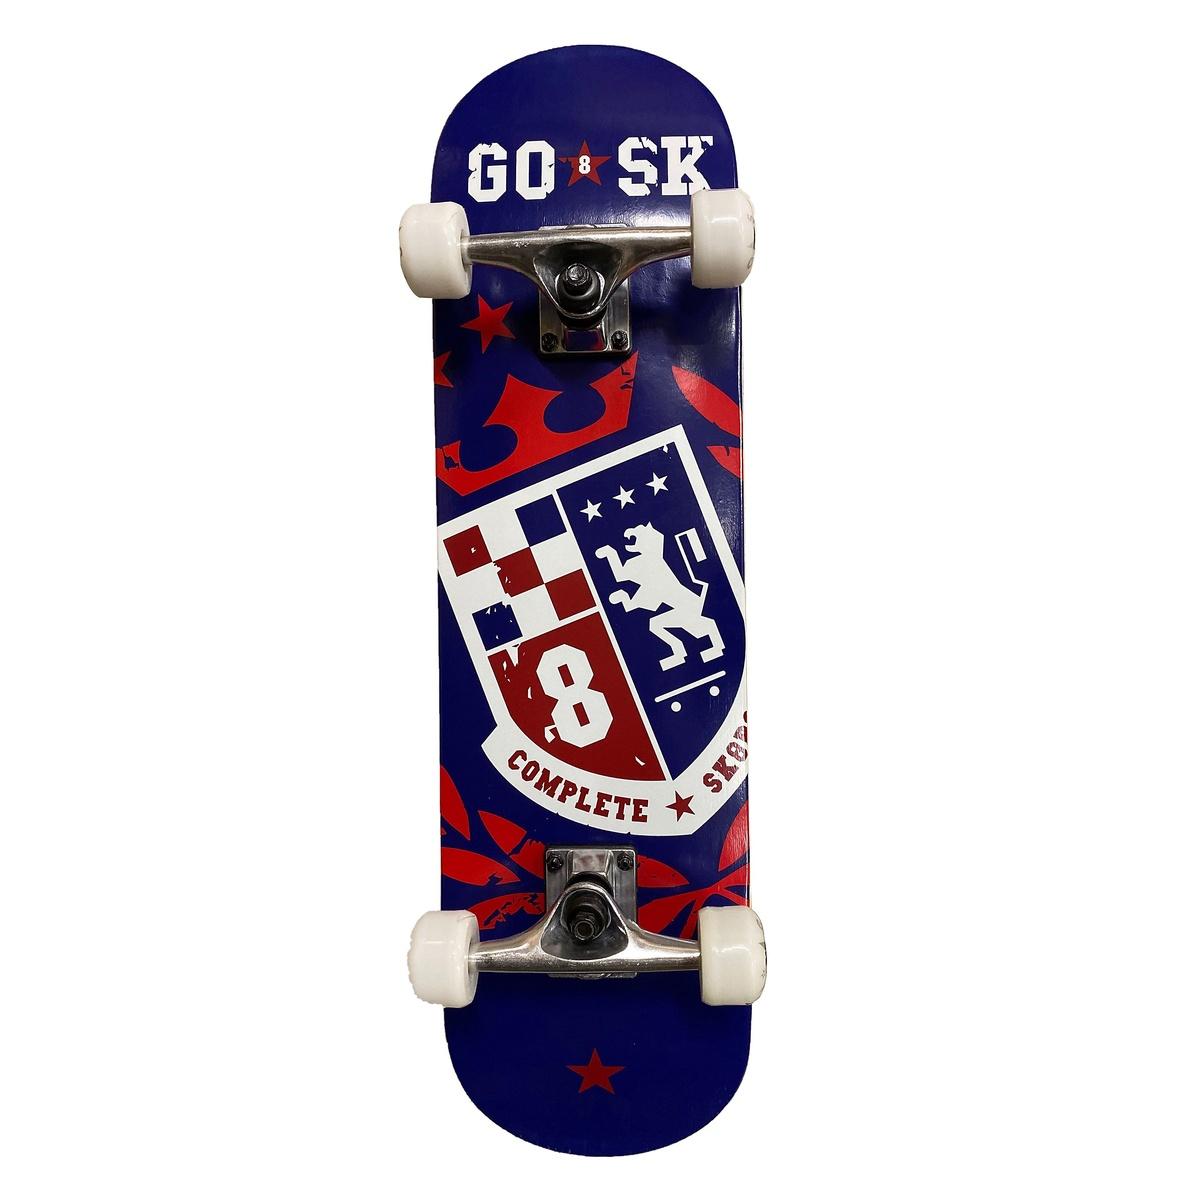 ホイール エクストリーム スケートボード GOSK8 28インチスケートボード GOSK8 再入荷/予約販売! 買い物 レッド W ネイビー 28インチスケートボード 28